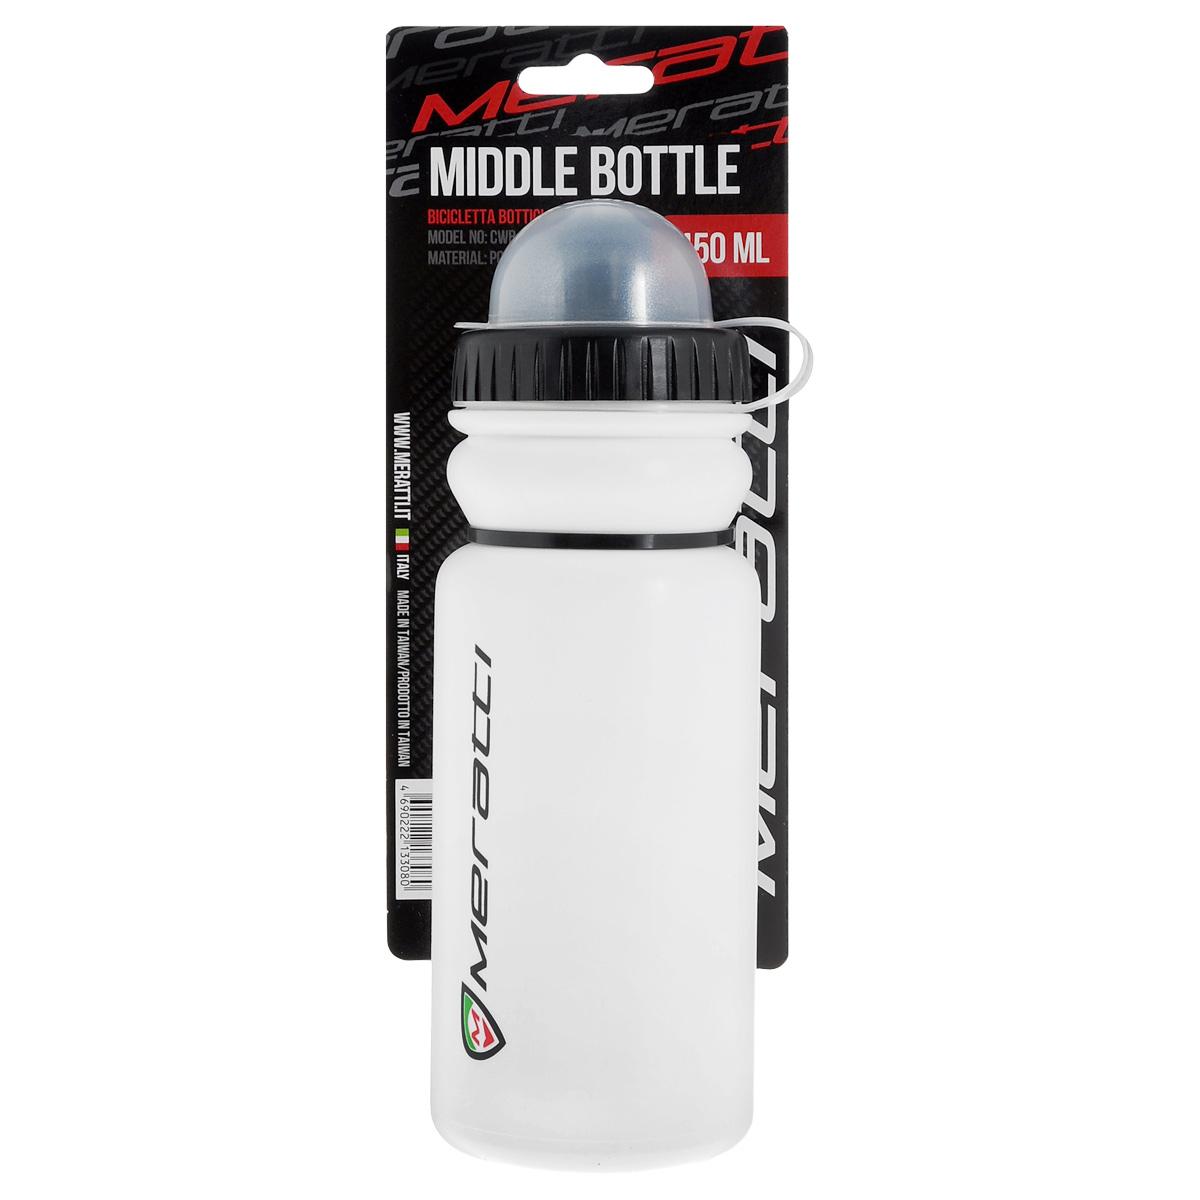 Велобутылка Meratti, 450 млCWB409KВелобутылка Meratti выполнена из нетоксичного пластика и представляет собой практичное решение для переноса воды или энергетических напитков во время длительных пробежек. Бутылка оснащена герметичным клапаном, не дающим воде пролиться. Крышка защищает клапан от пыли.